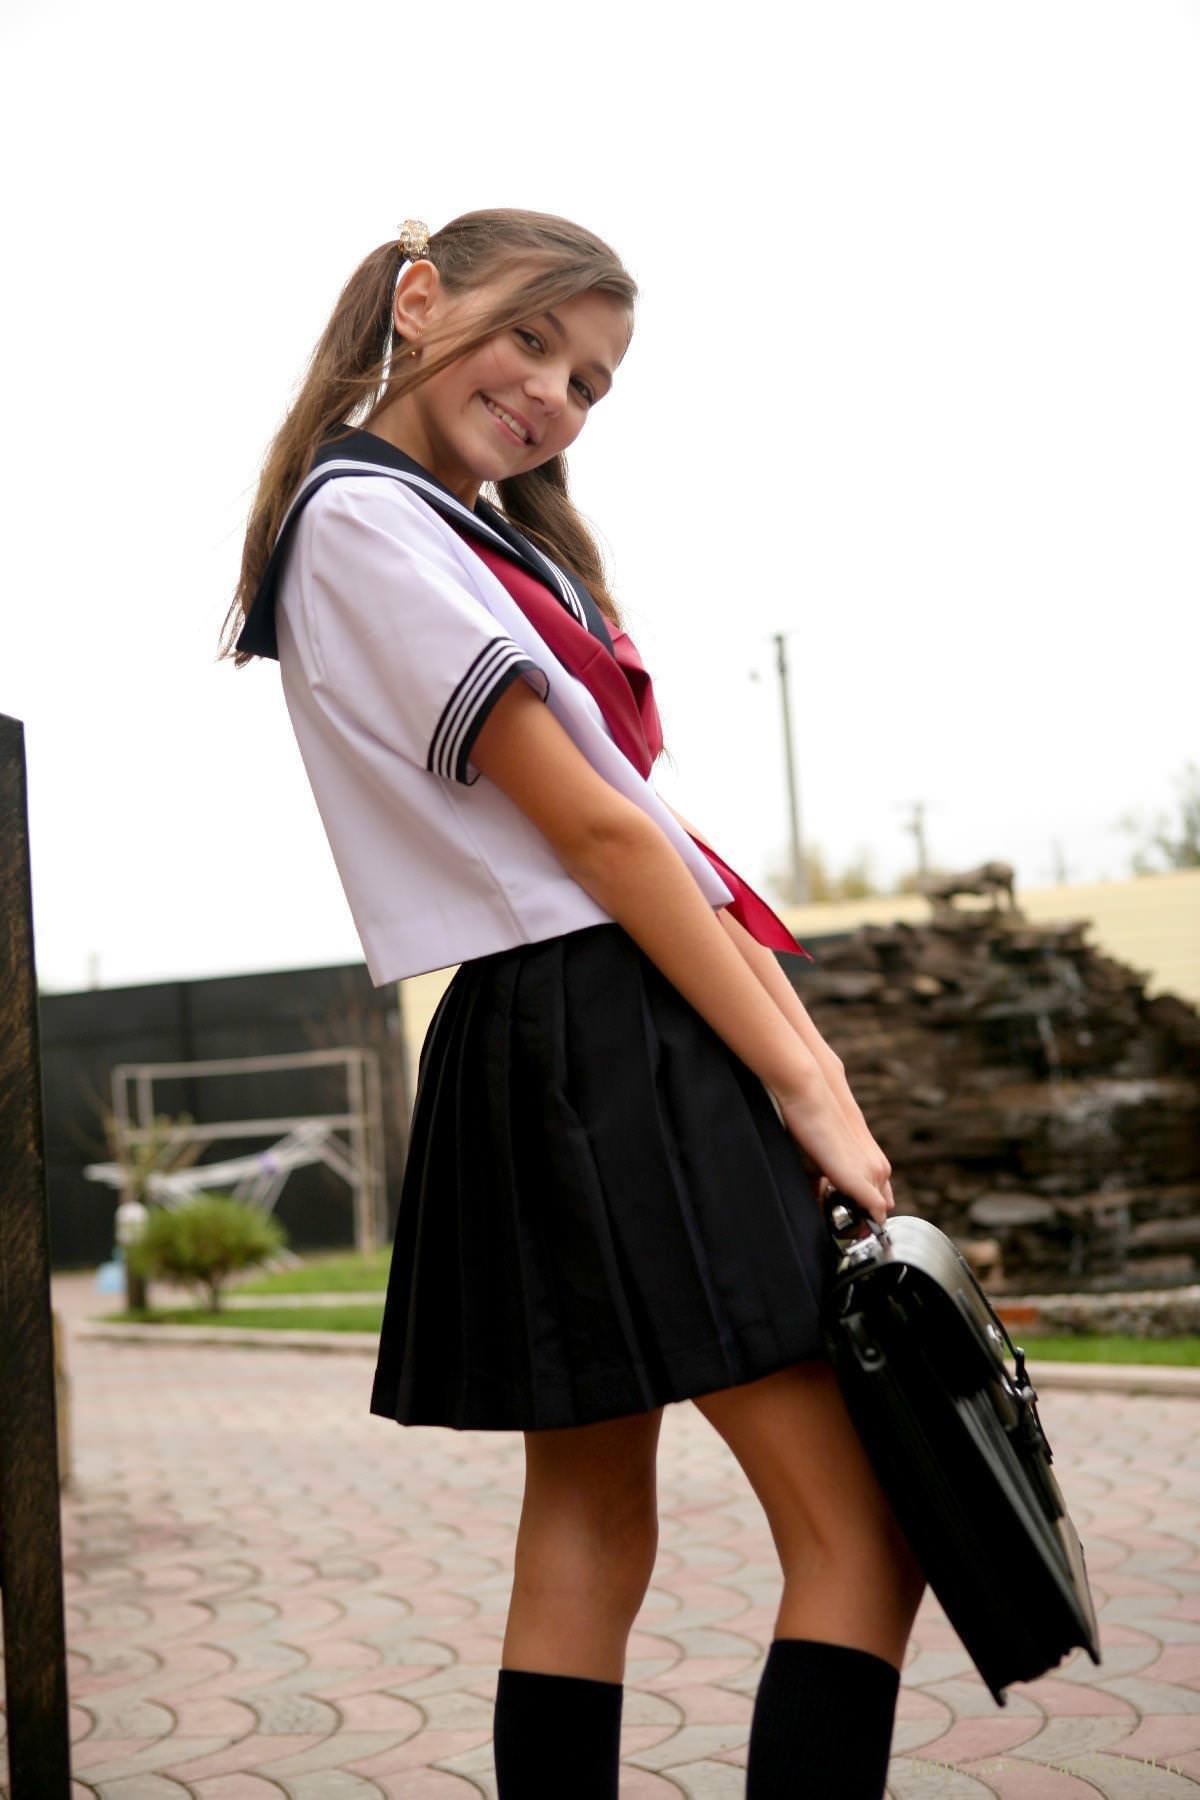 ガチで可愛い外国人美少女 11